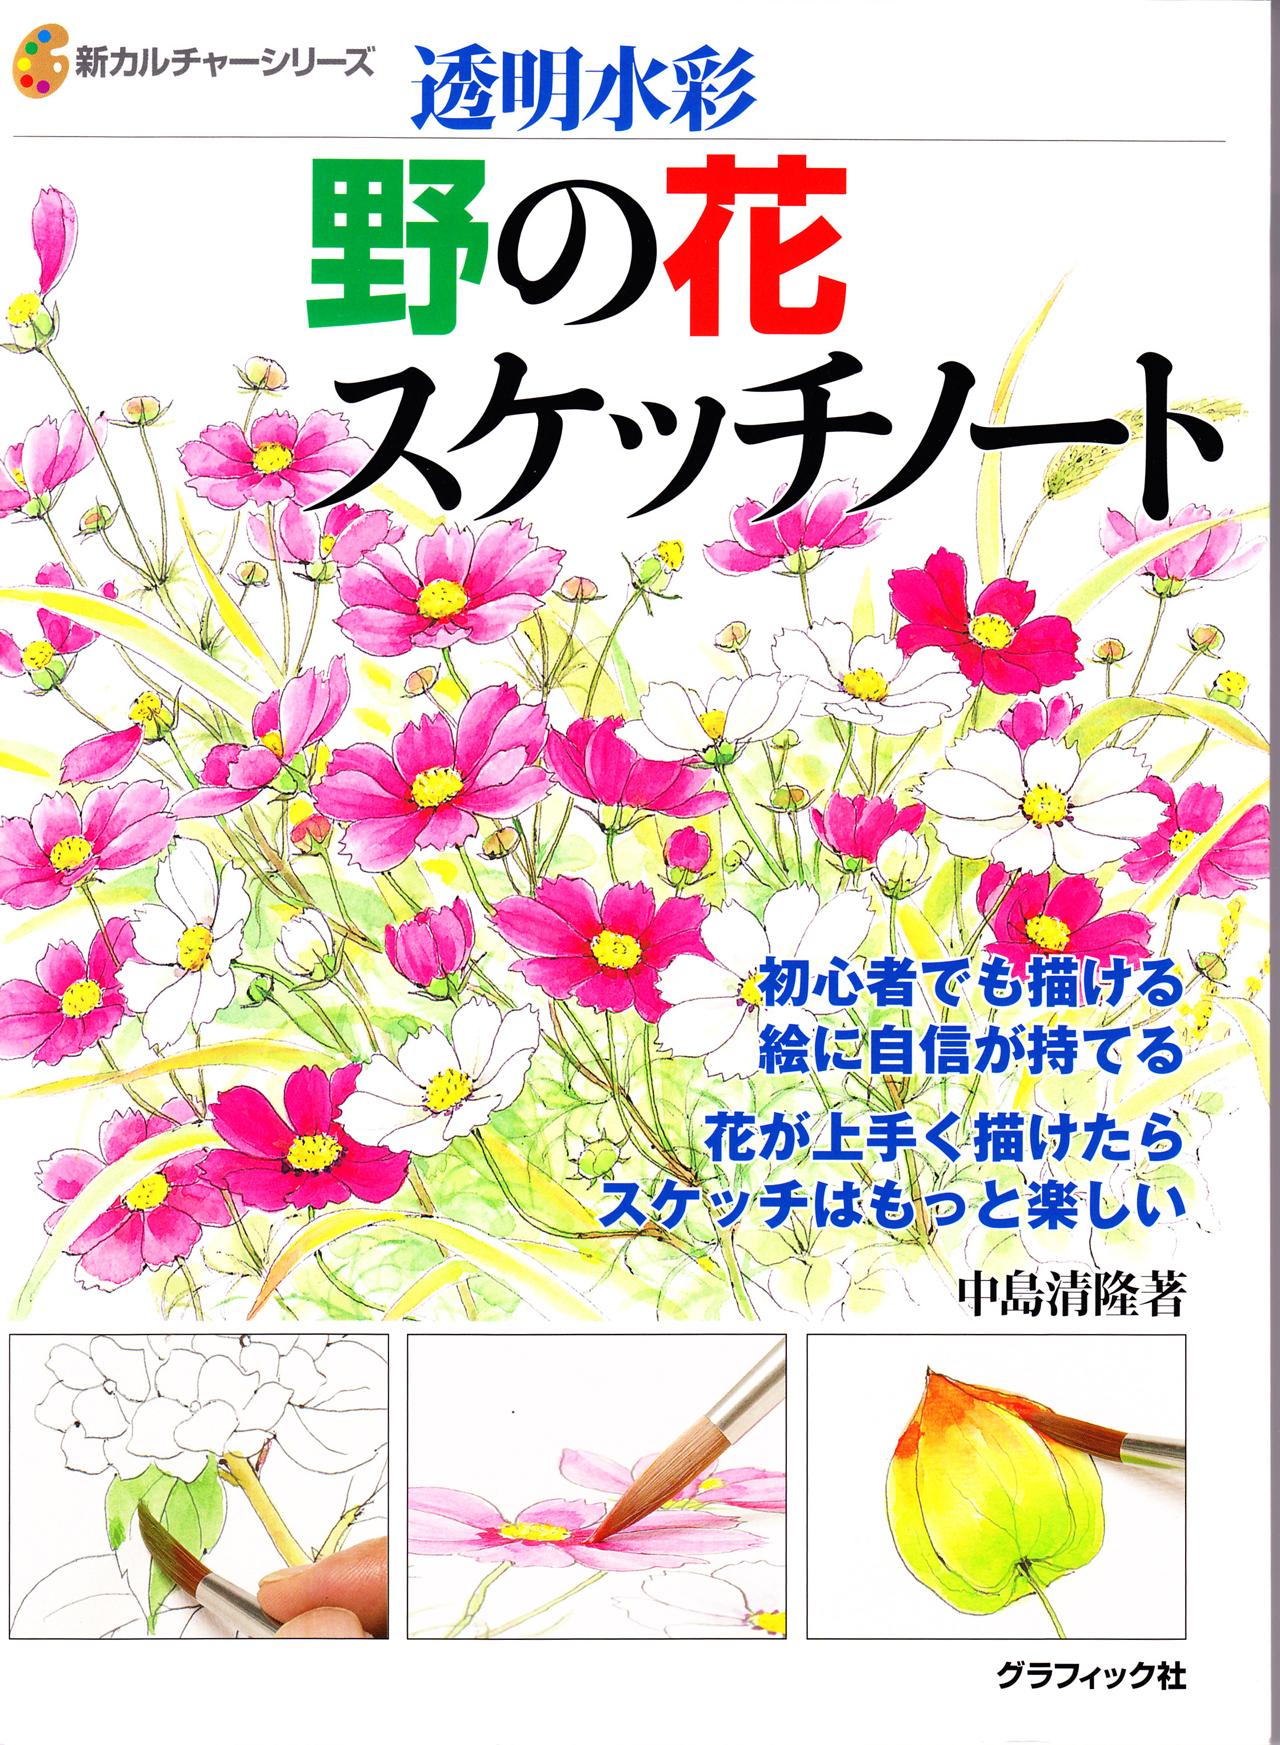 Цвета по-японски